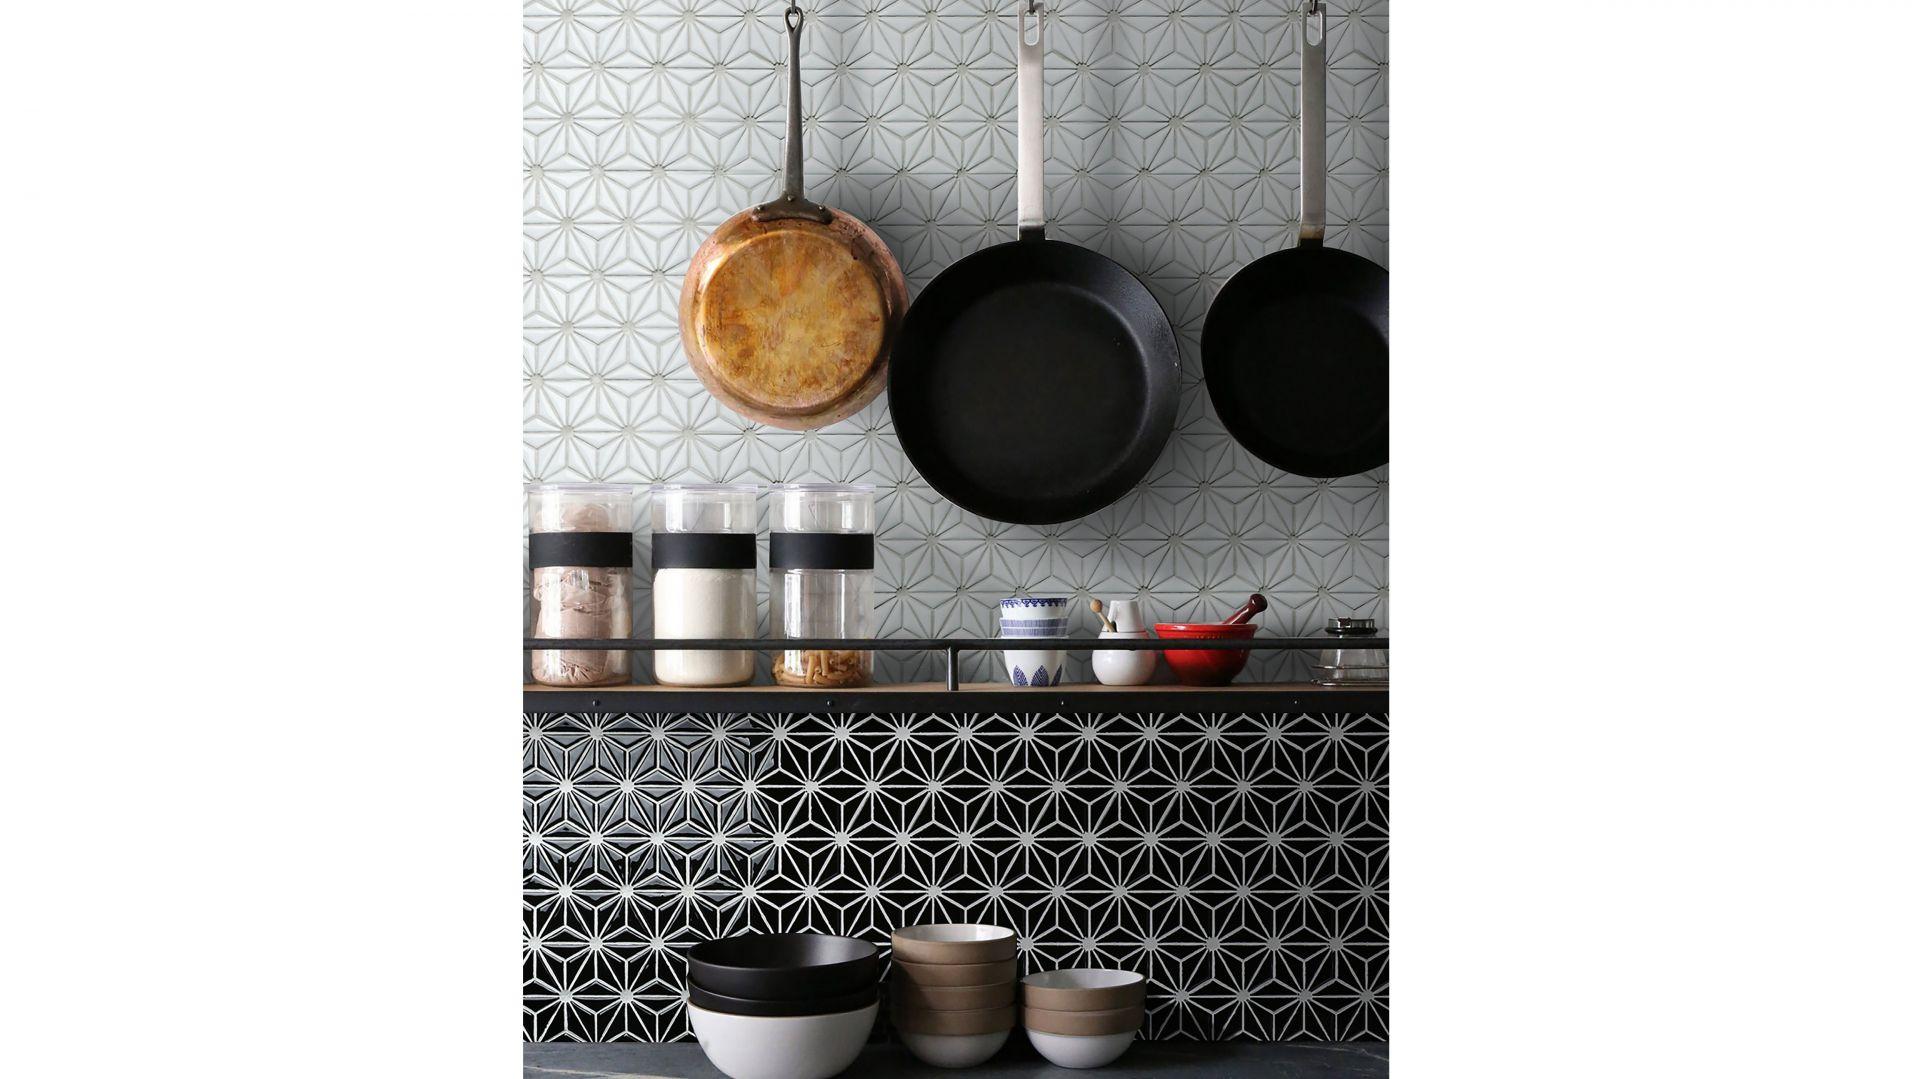 Czarno-biała mozaika z kolekcji Constallation tworzy efektowny wzór. Fot. Raw Decor